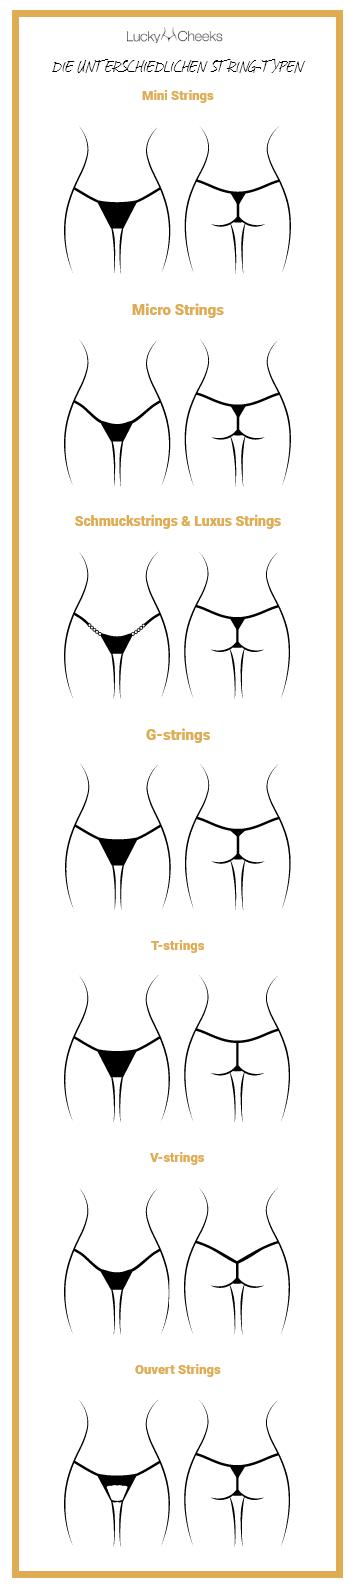 unterschiedliche String-Typen im Überblick